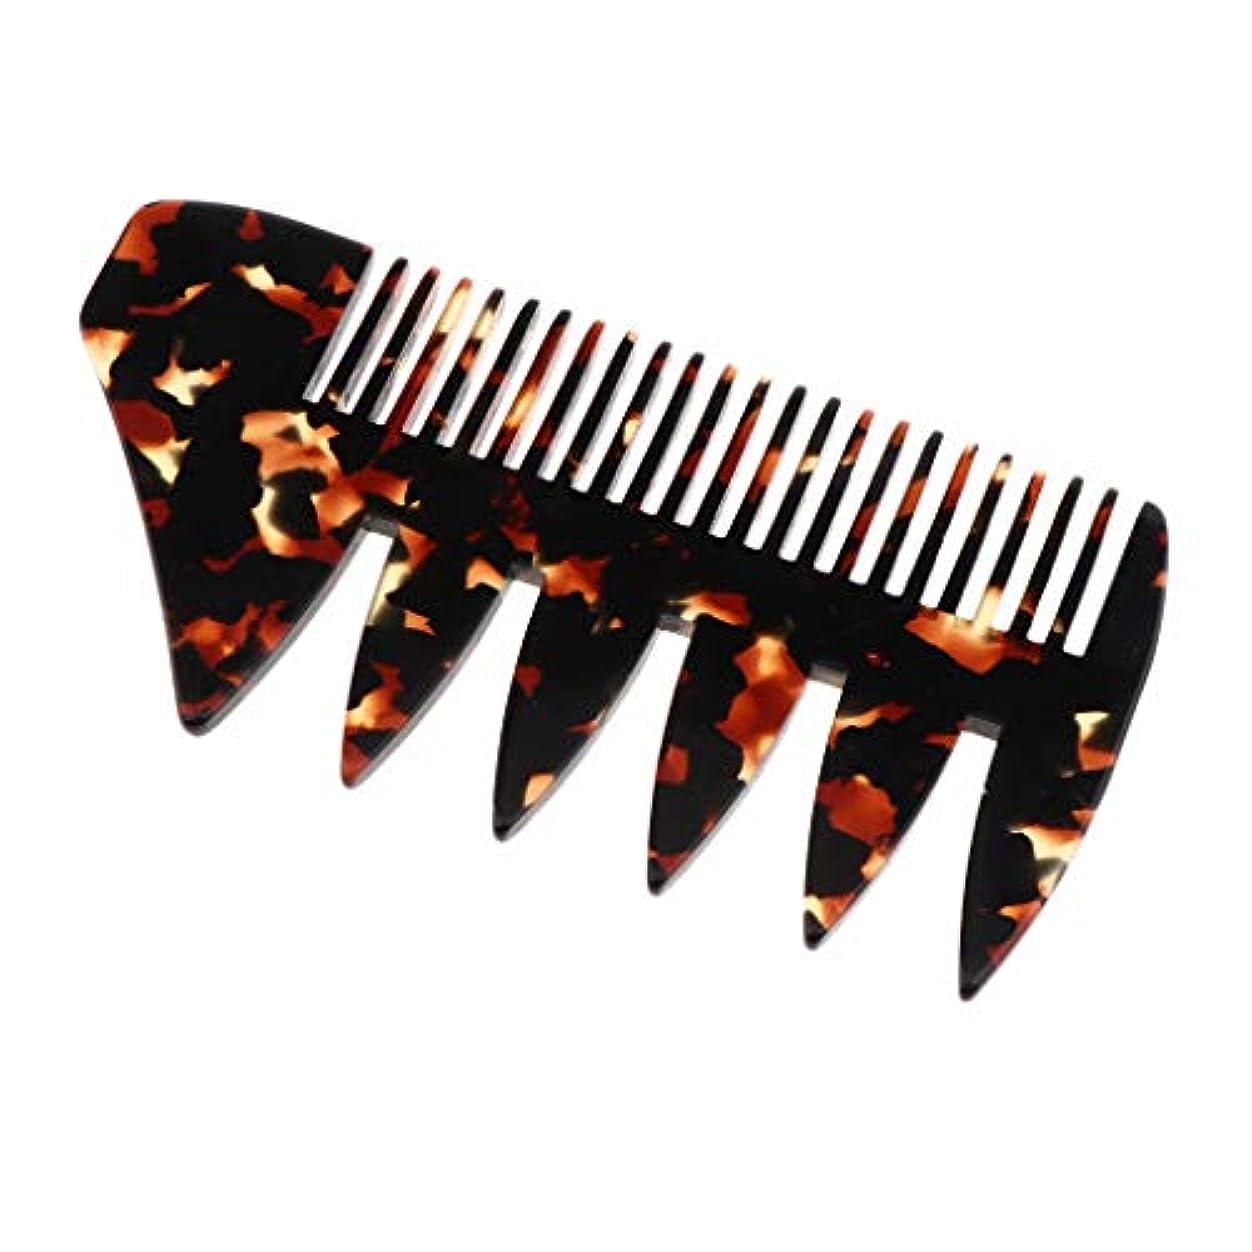 受け入れたクリック剃るT TOOYFUL 全4色選択 ヘアコーム ヘアブラシ 頭皮マッサージ 広い歯 木製櫛 帯電防止 - 黒